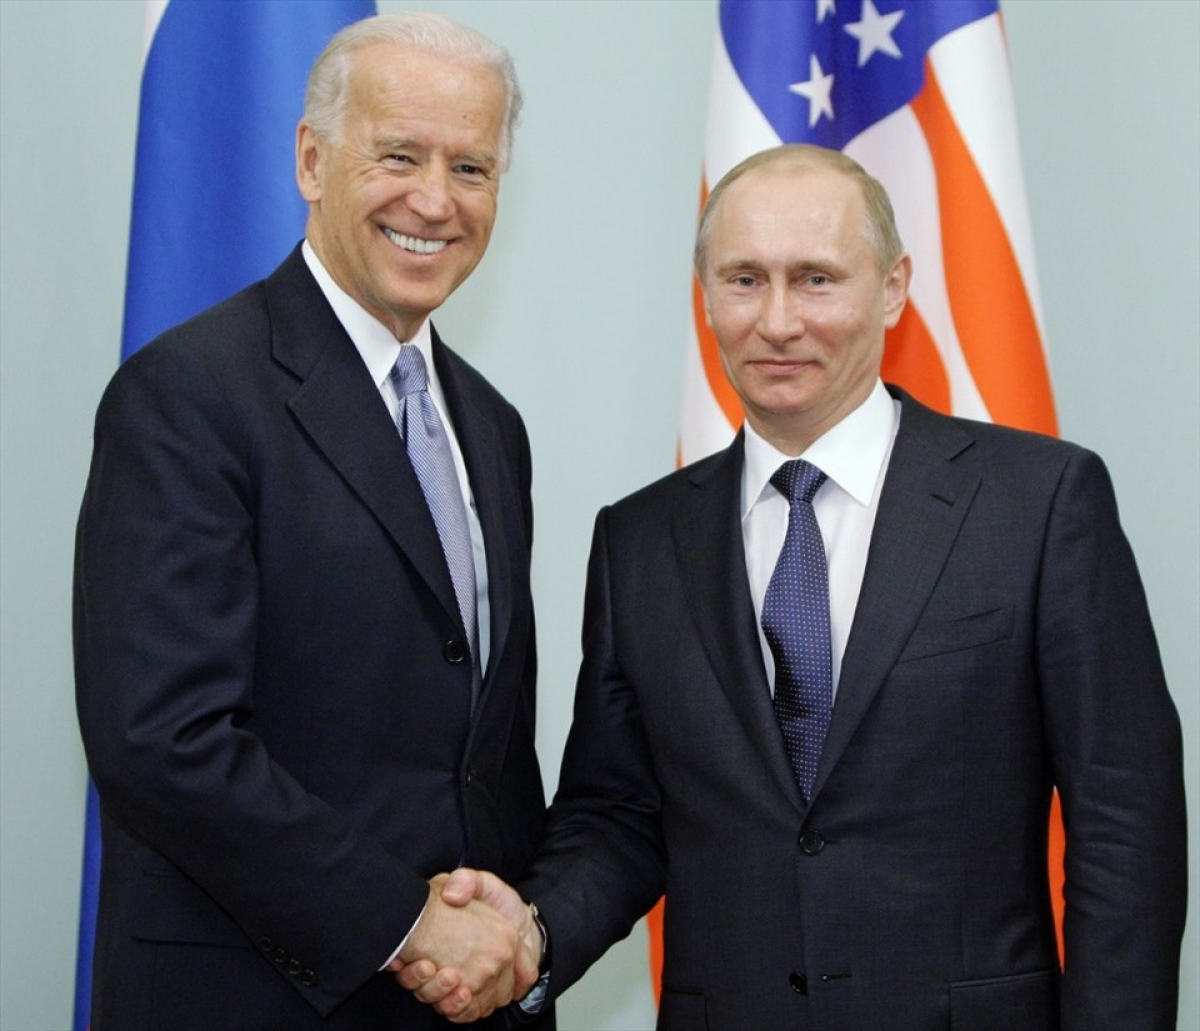 Tổng thống Mỹ Joe Biden vàTổng thống Nga Vladimir Putin.Ảnh: AFP